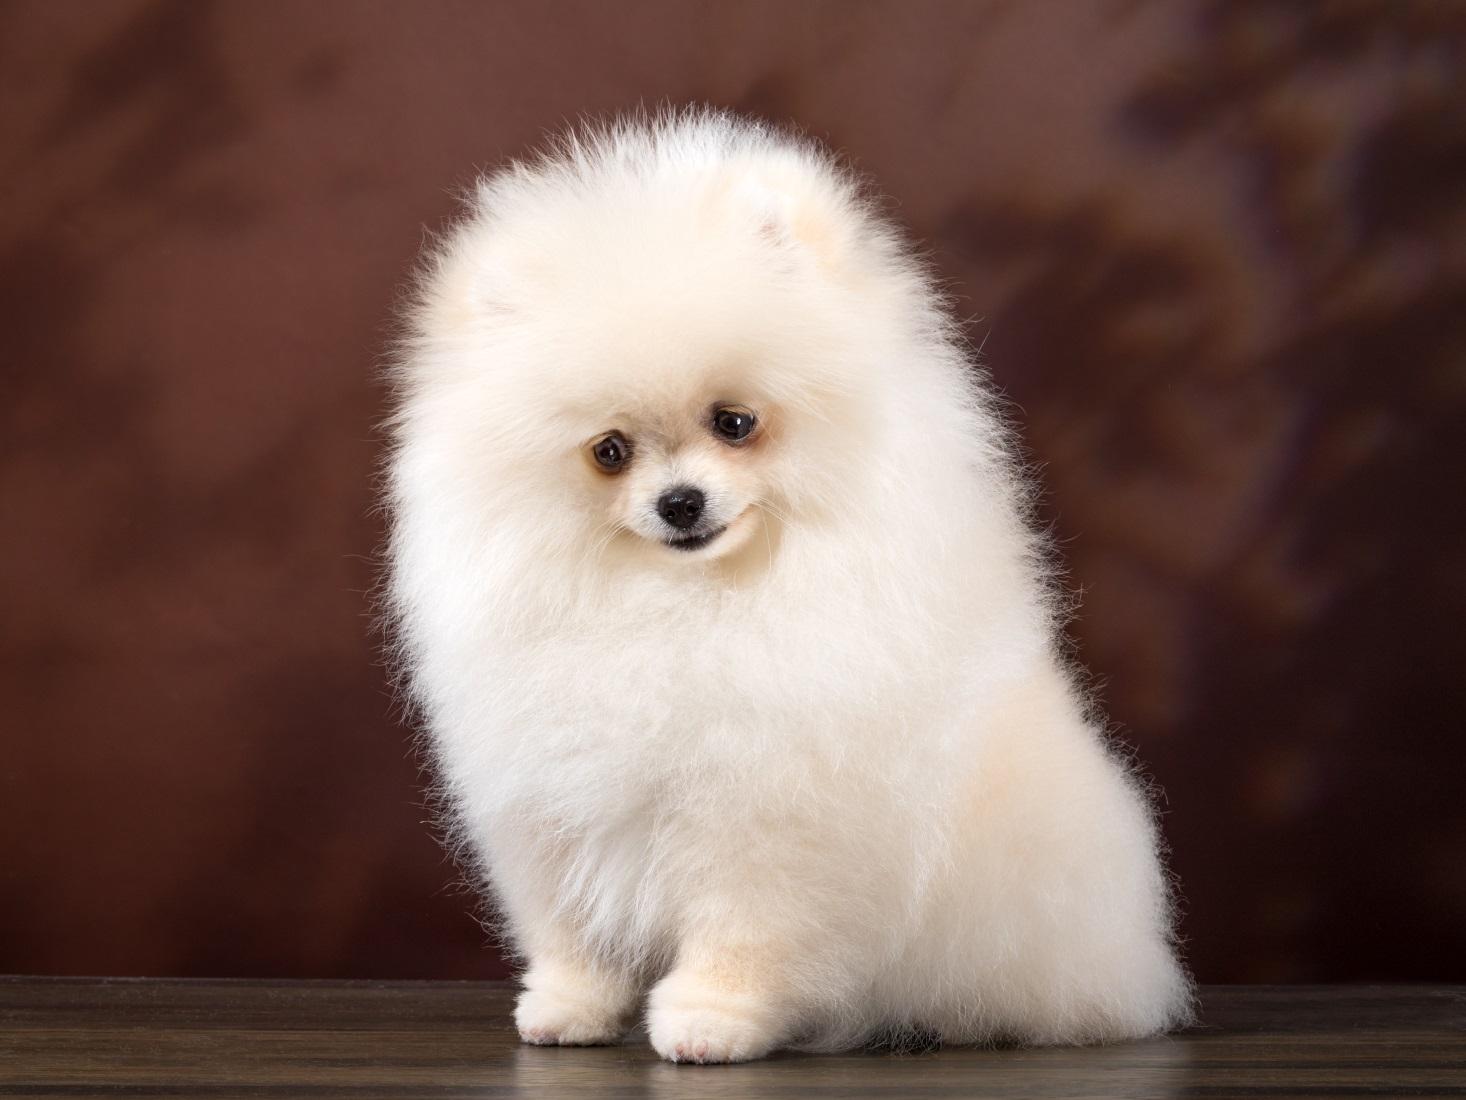 Маленькие собачки: Йоркширский терьер, Басенджи, Померанский шпиц